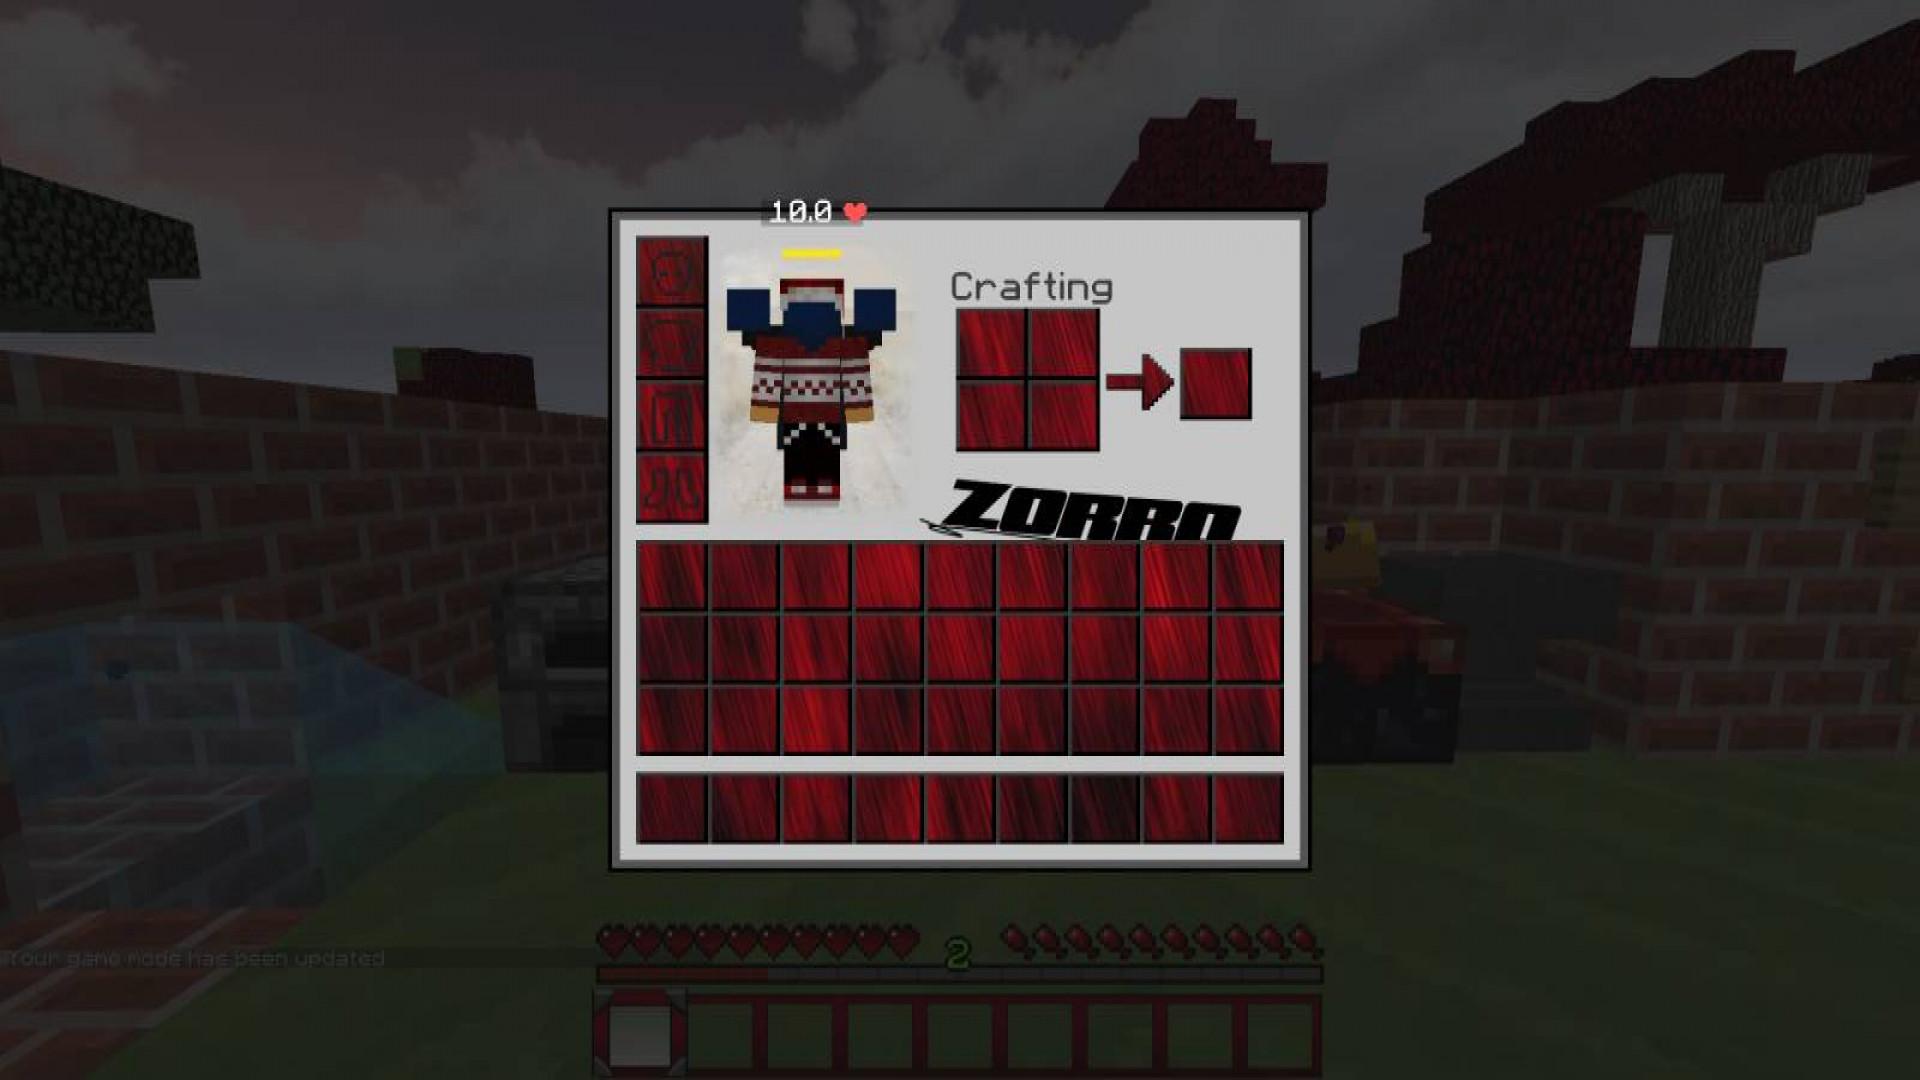 ZorroV2